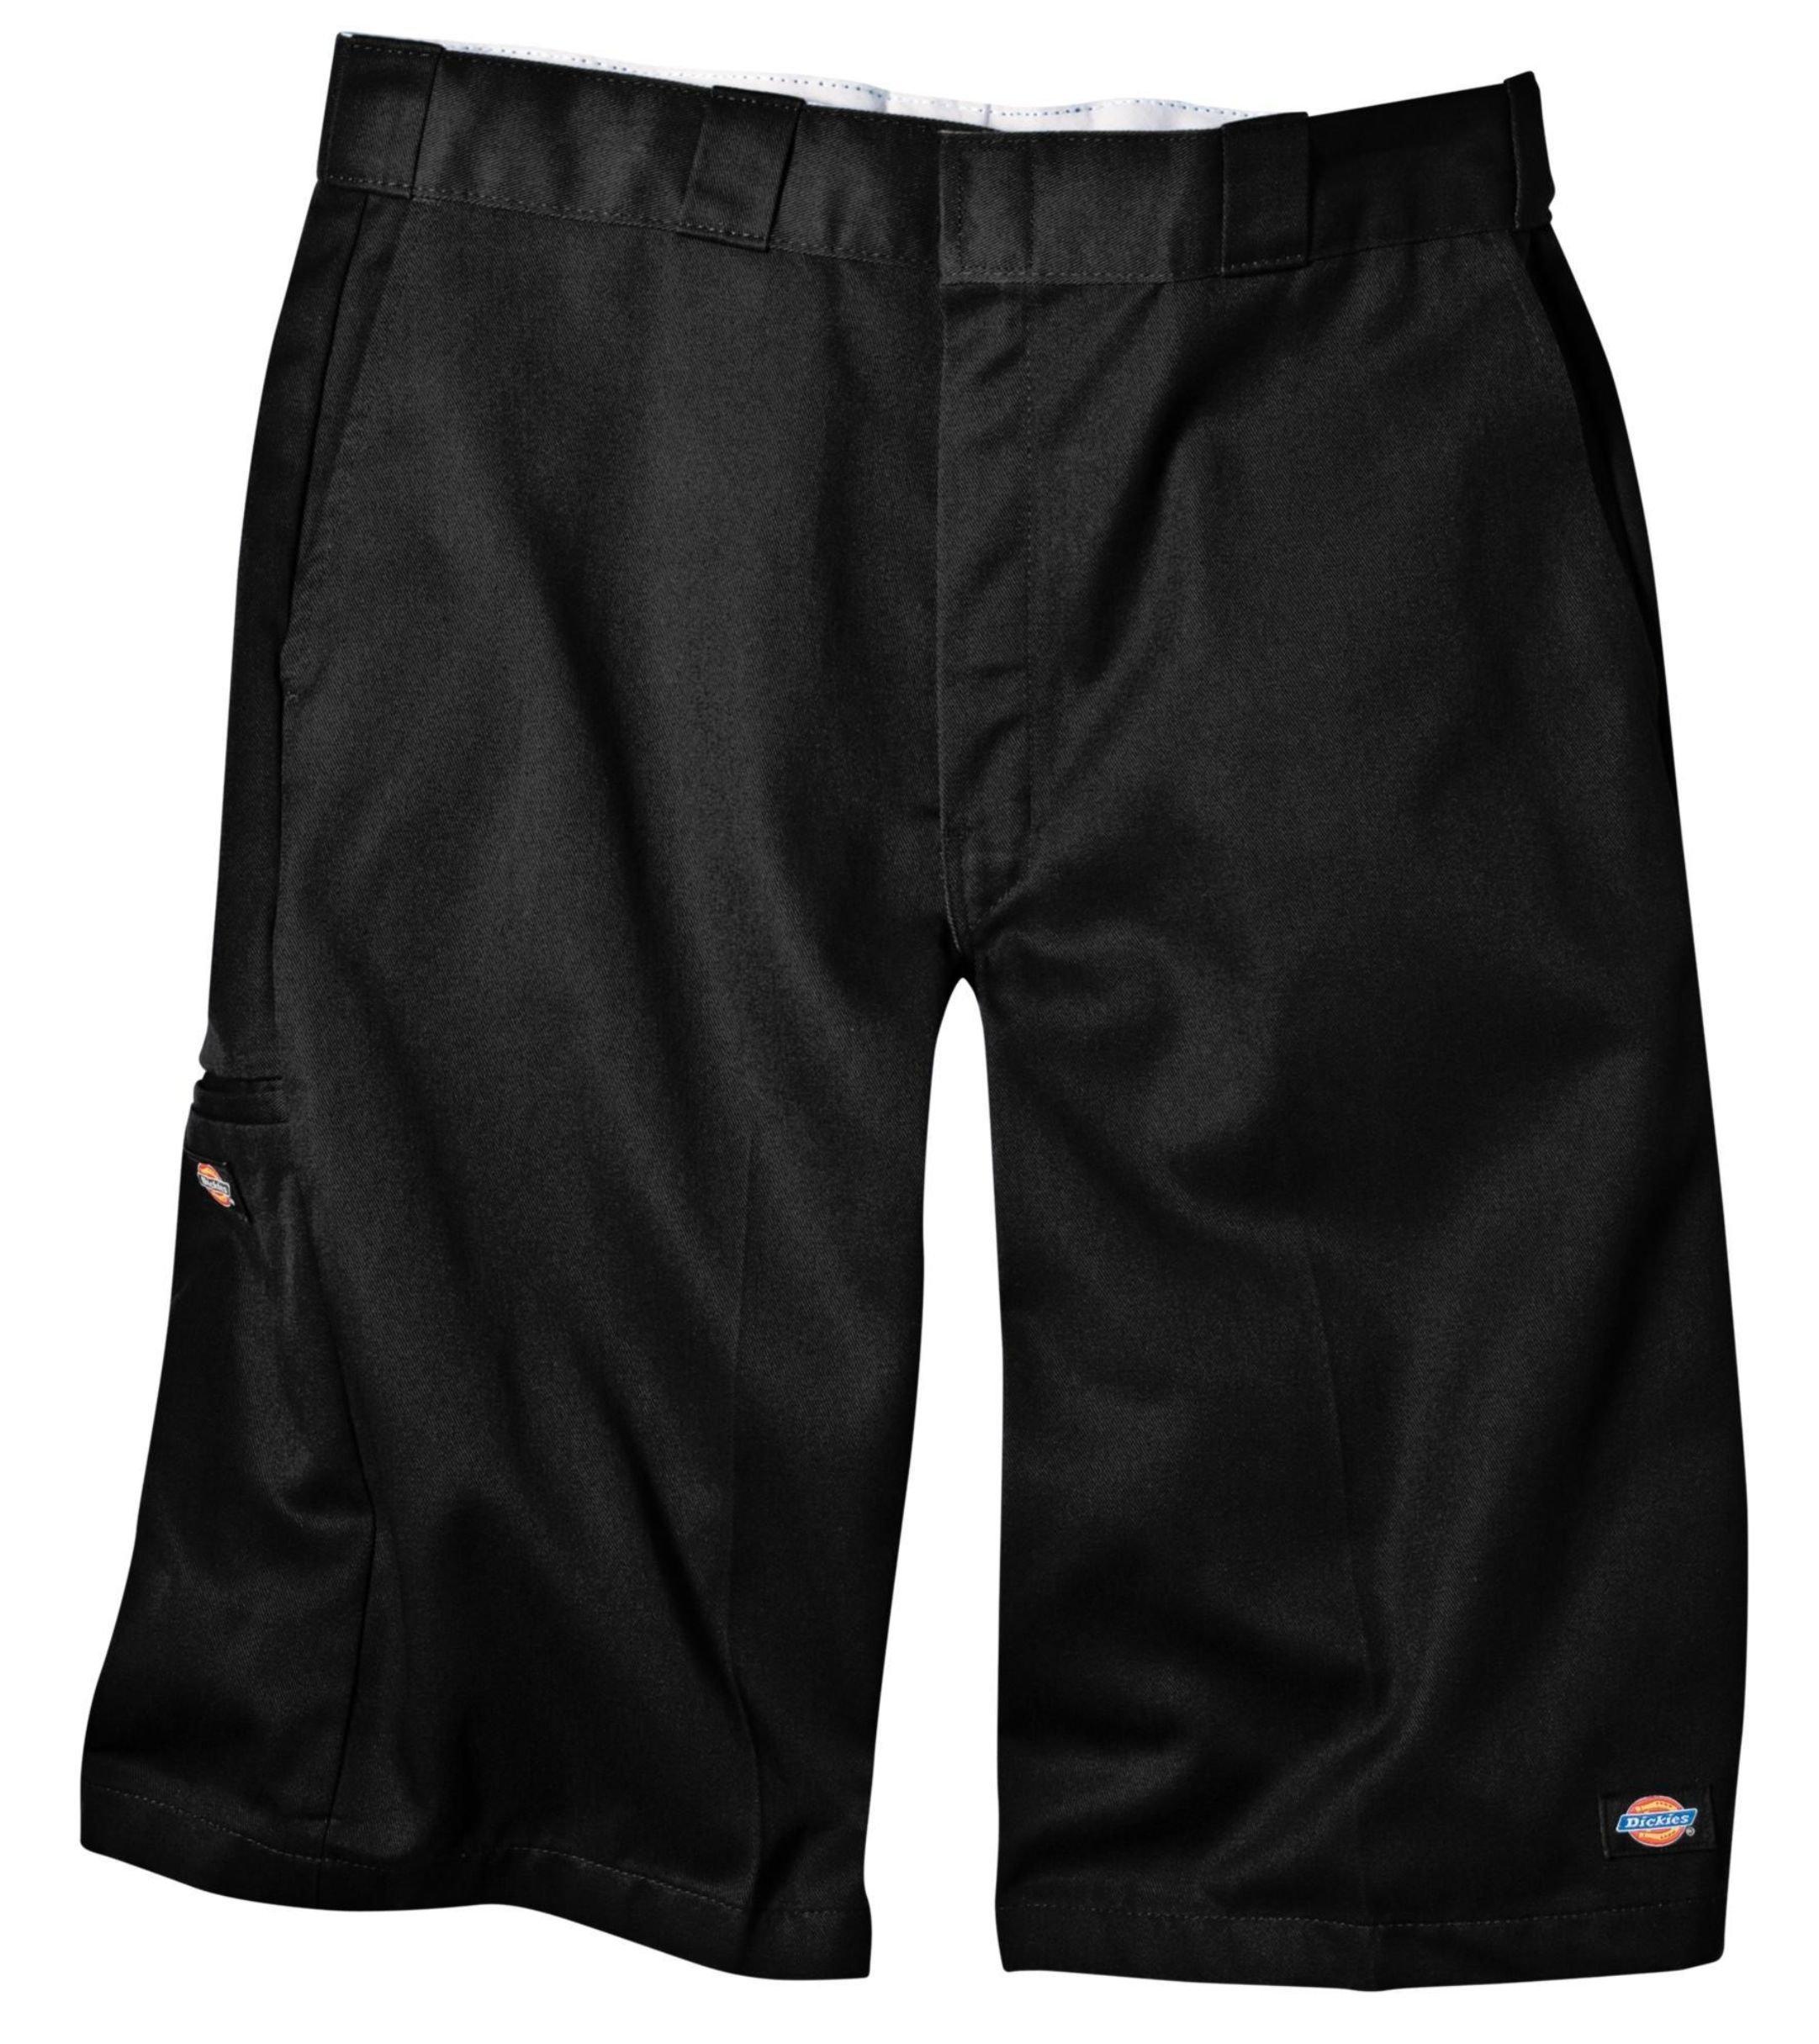 Dickies Men's 13 Inch Loose Fit Multi-Pocket Work Short, Black, 36 by Dickies